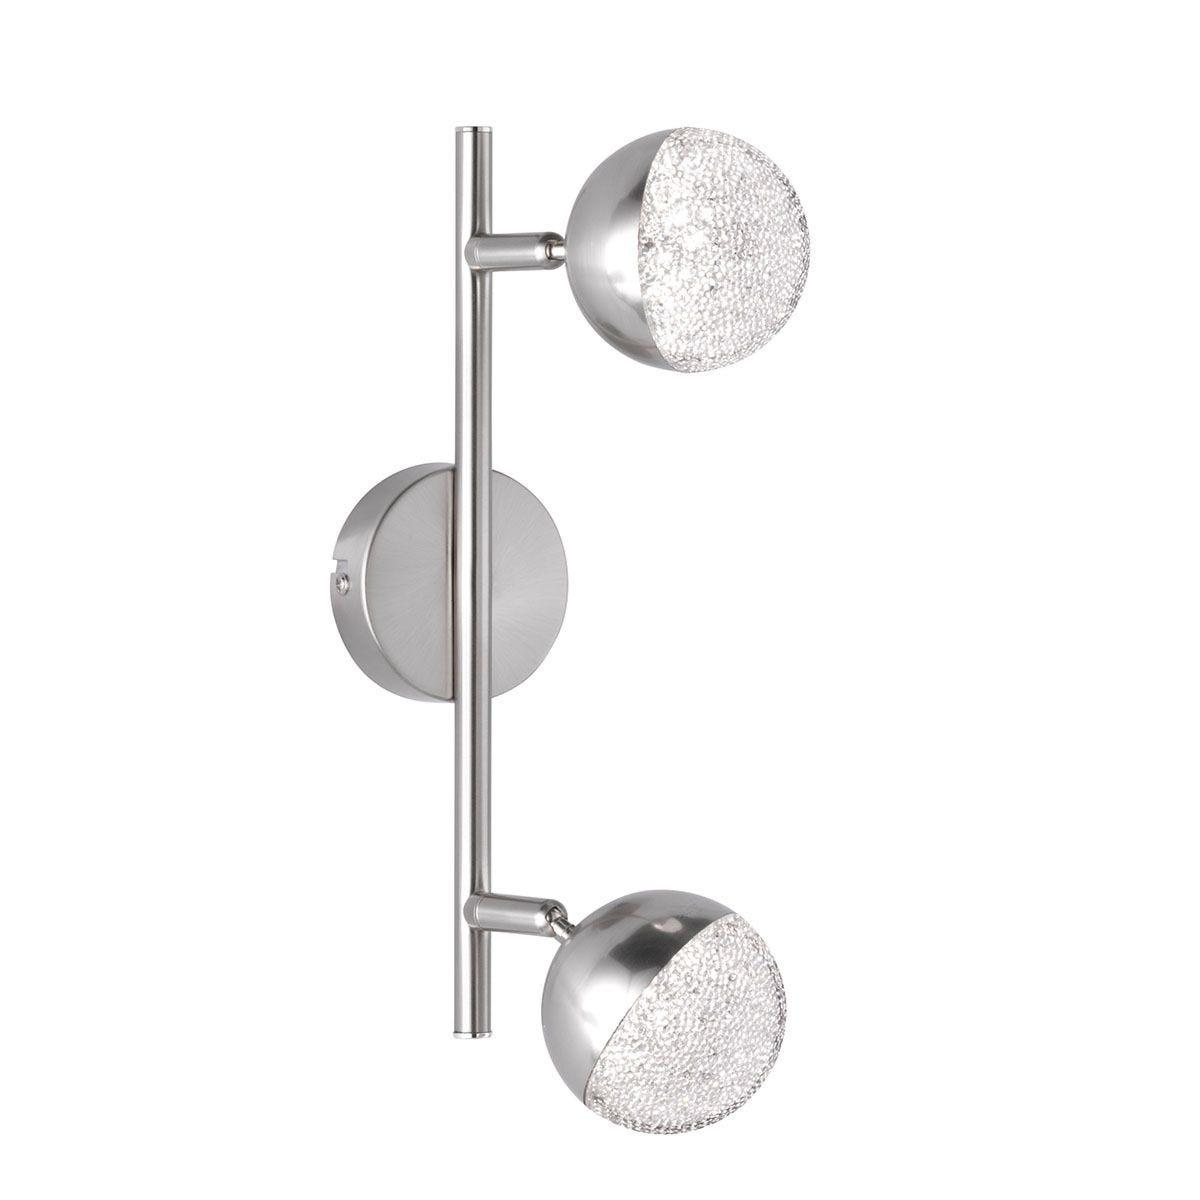 Action Sanan 2 LED Lamp Pendant Bar/Spotlight - Nickel Matt Finish